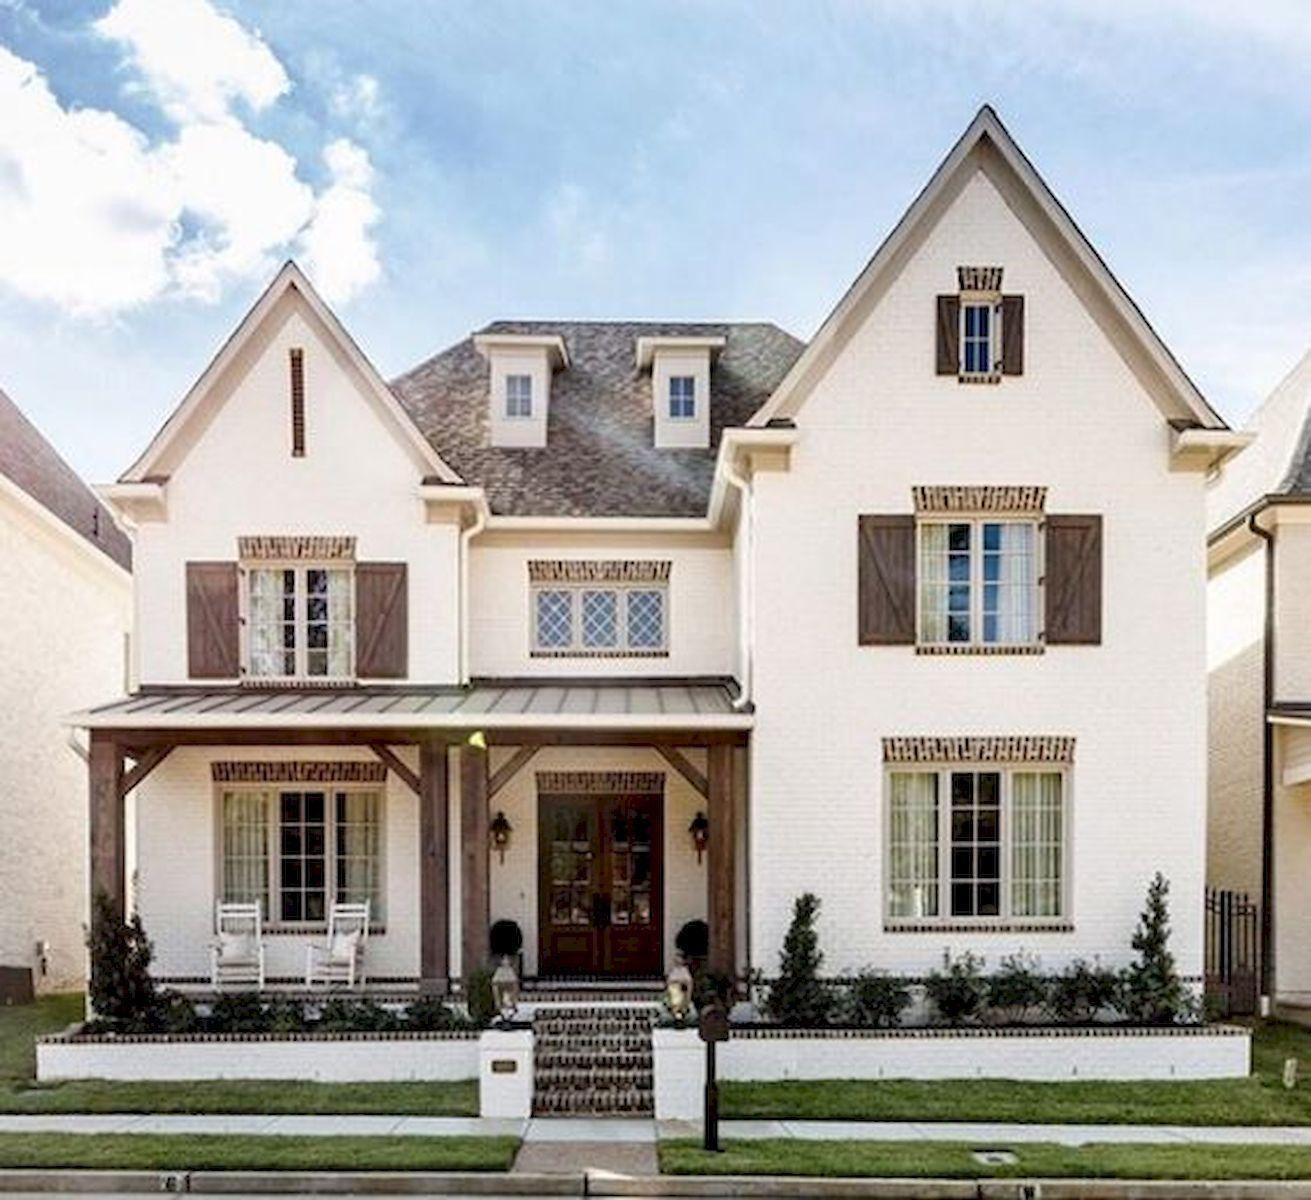 50 Modern Trends Farmhouse Exterior Paint Colors Ideas: 33 Beautiful Modern Farmhouse Exterior Design Ideas (14